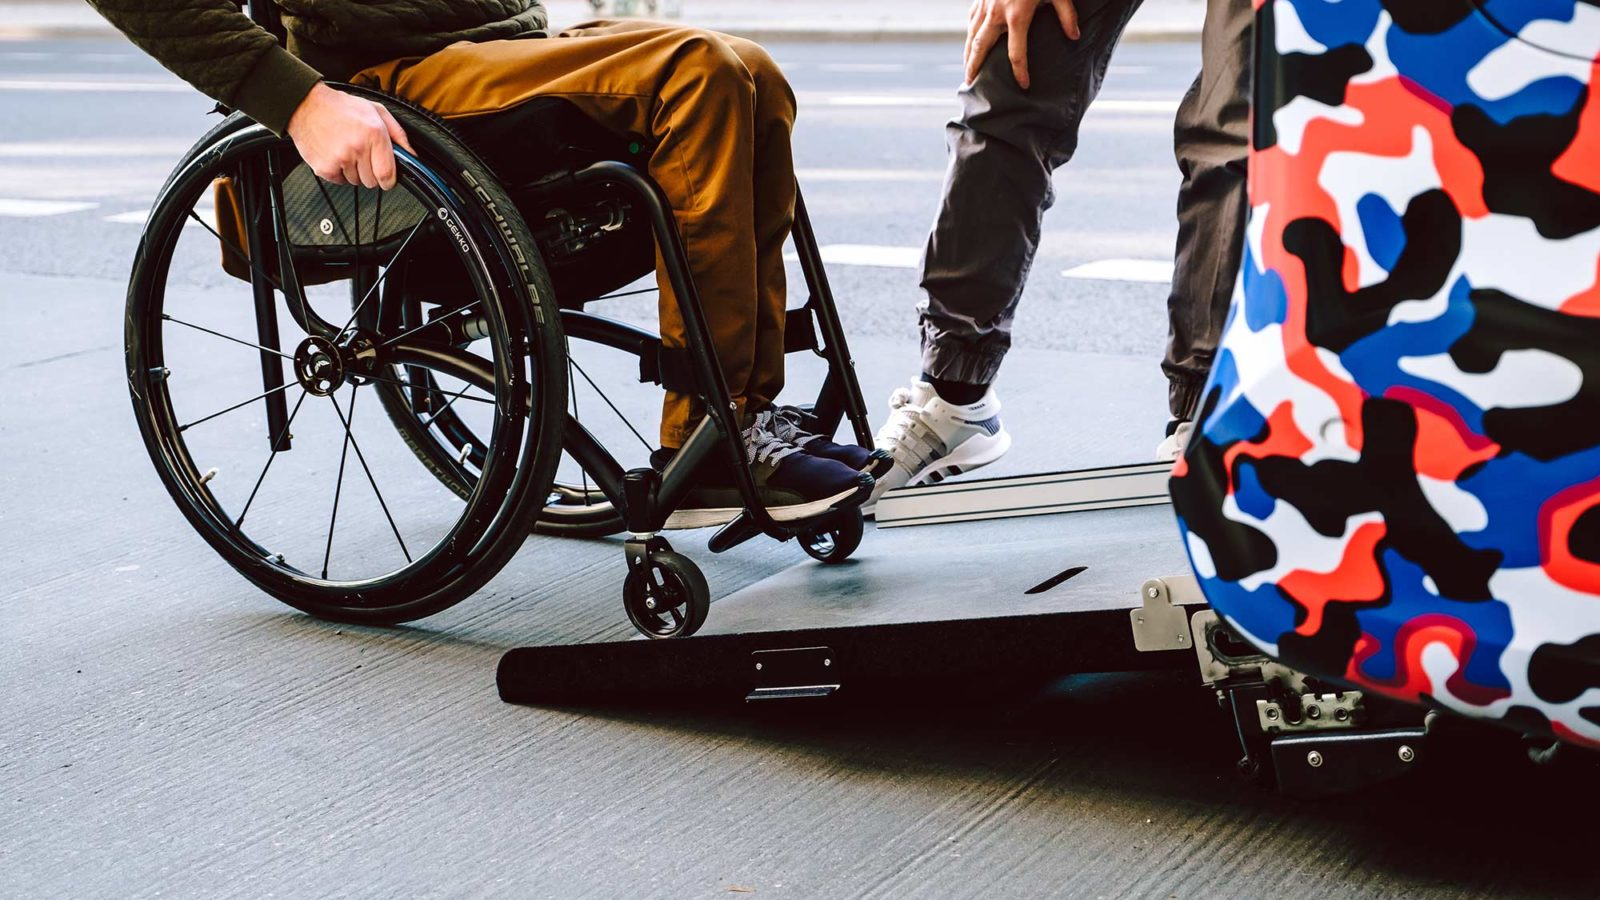 Rollifahrer beim Einfahren in ein Behindertenfahrzeug